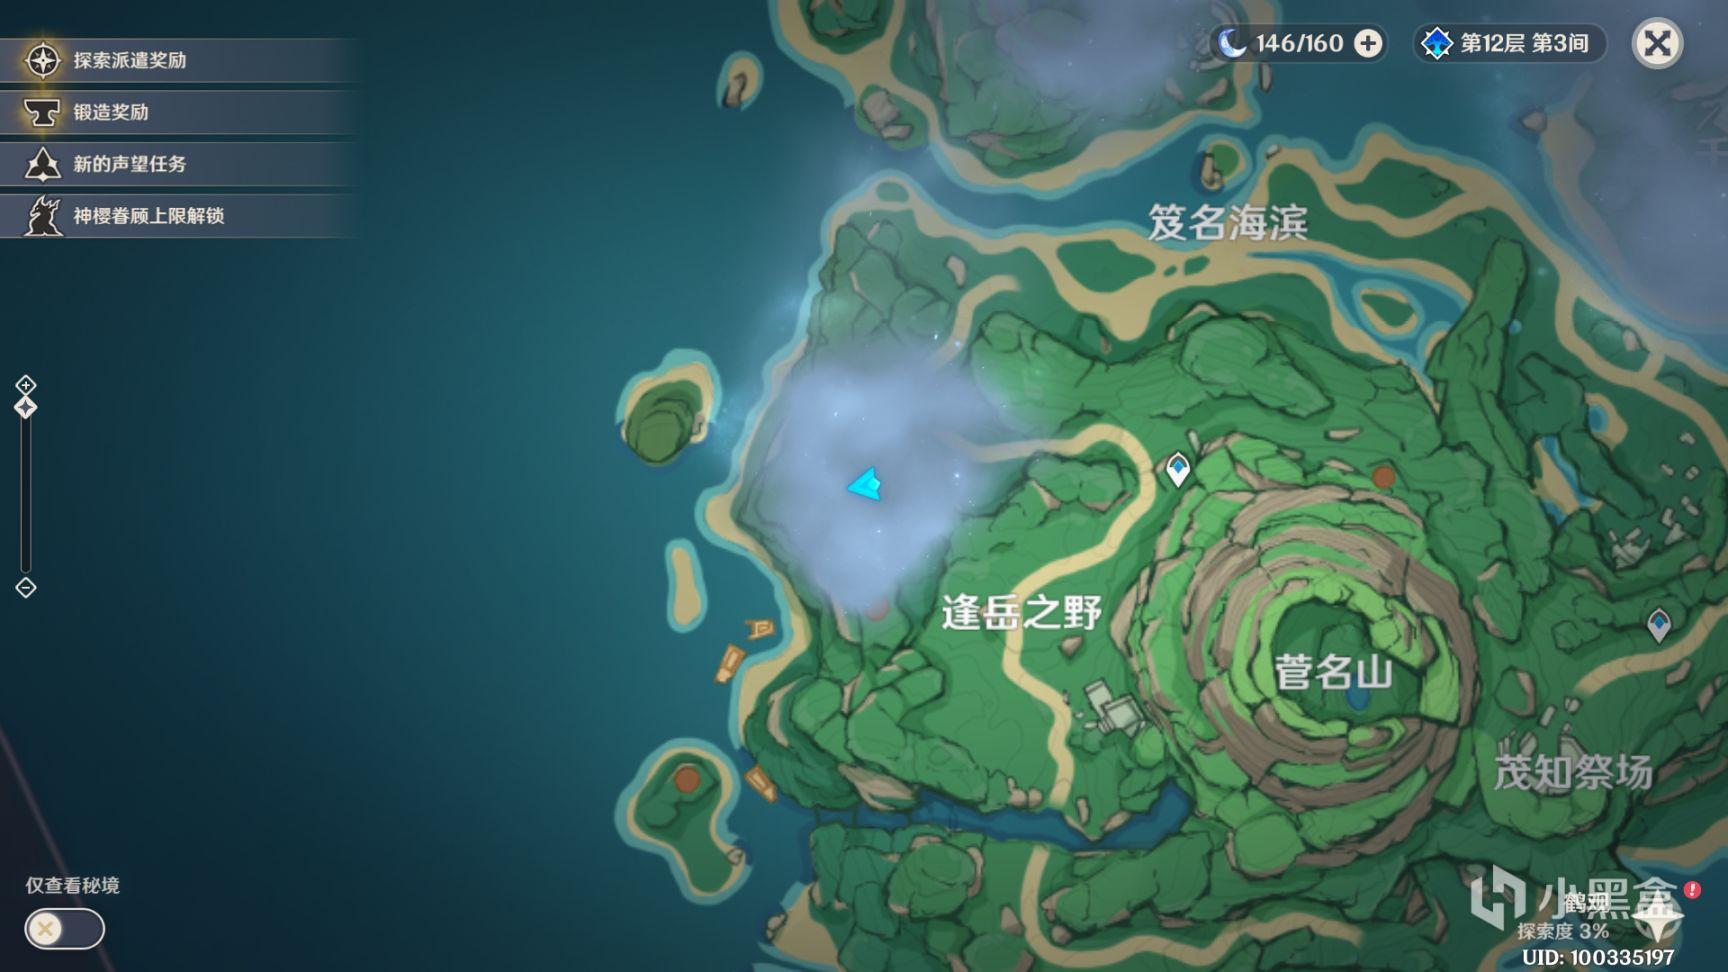 【雾海纪行】最详细的全攻略(多图警告)插图19